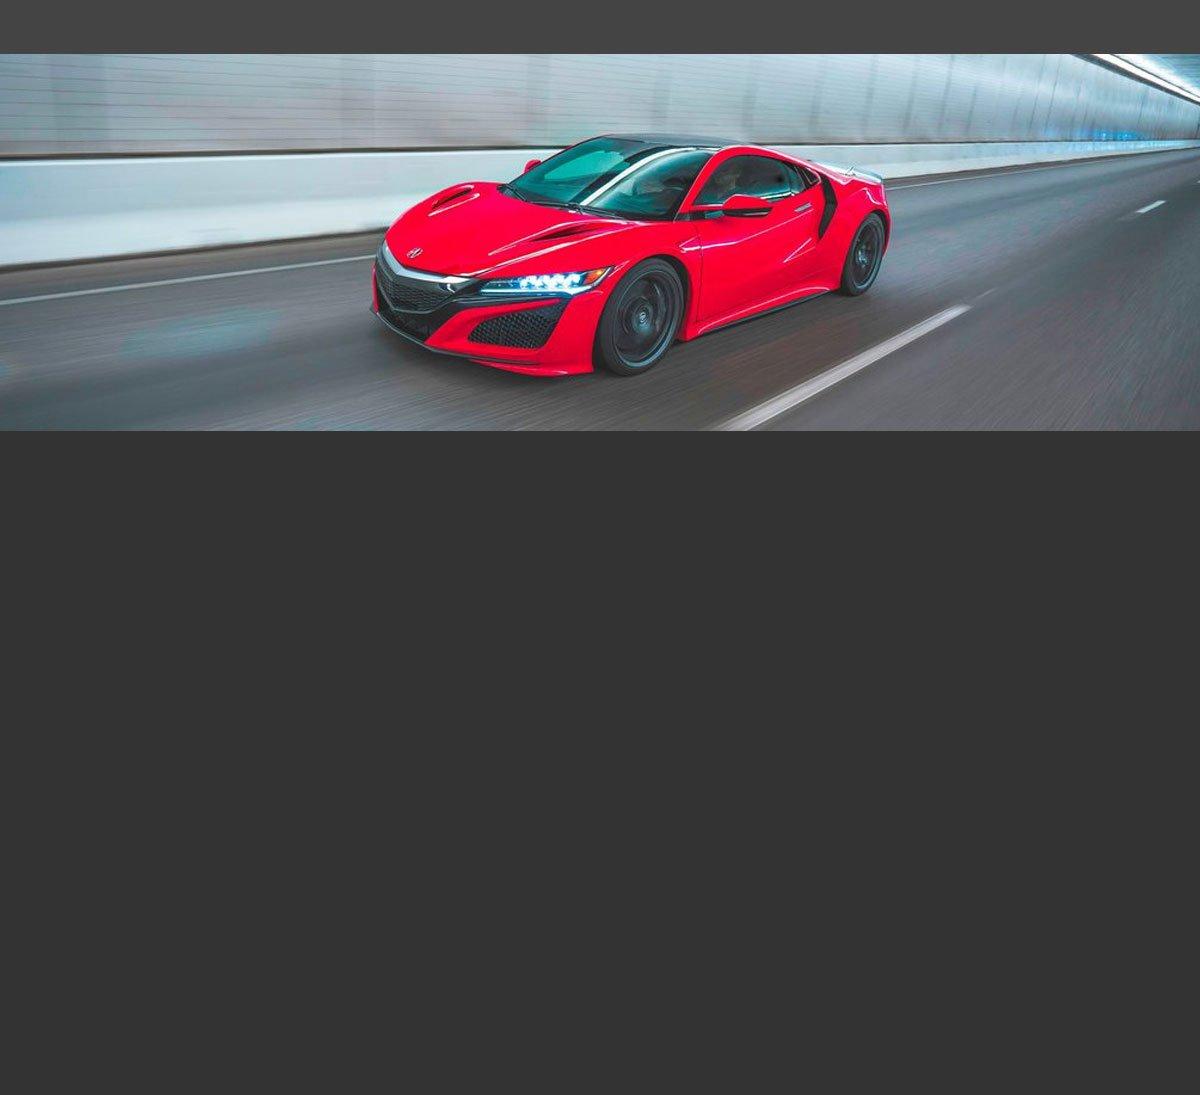 Audi Dealer Bay Area: Fremont CA Dealer